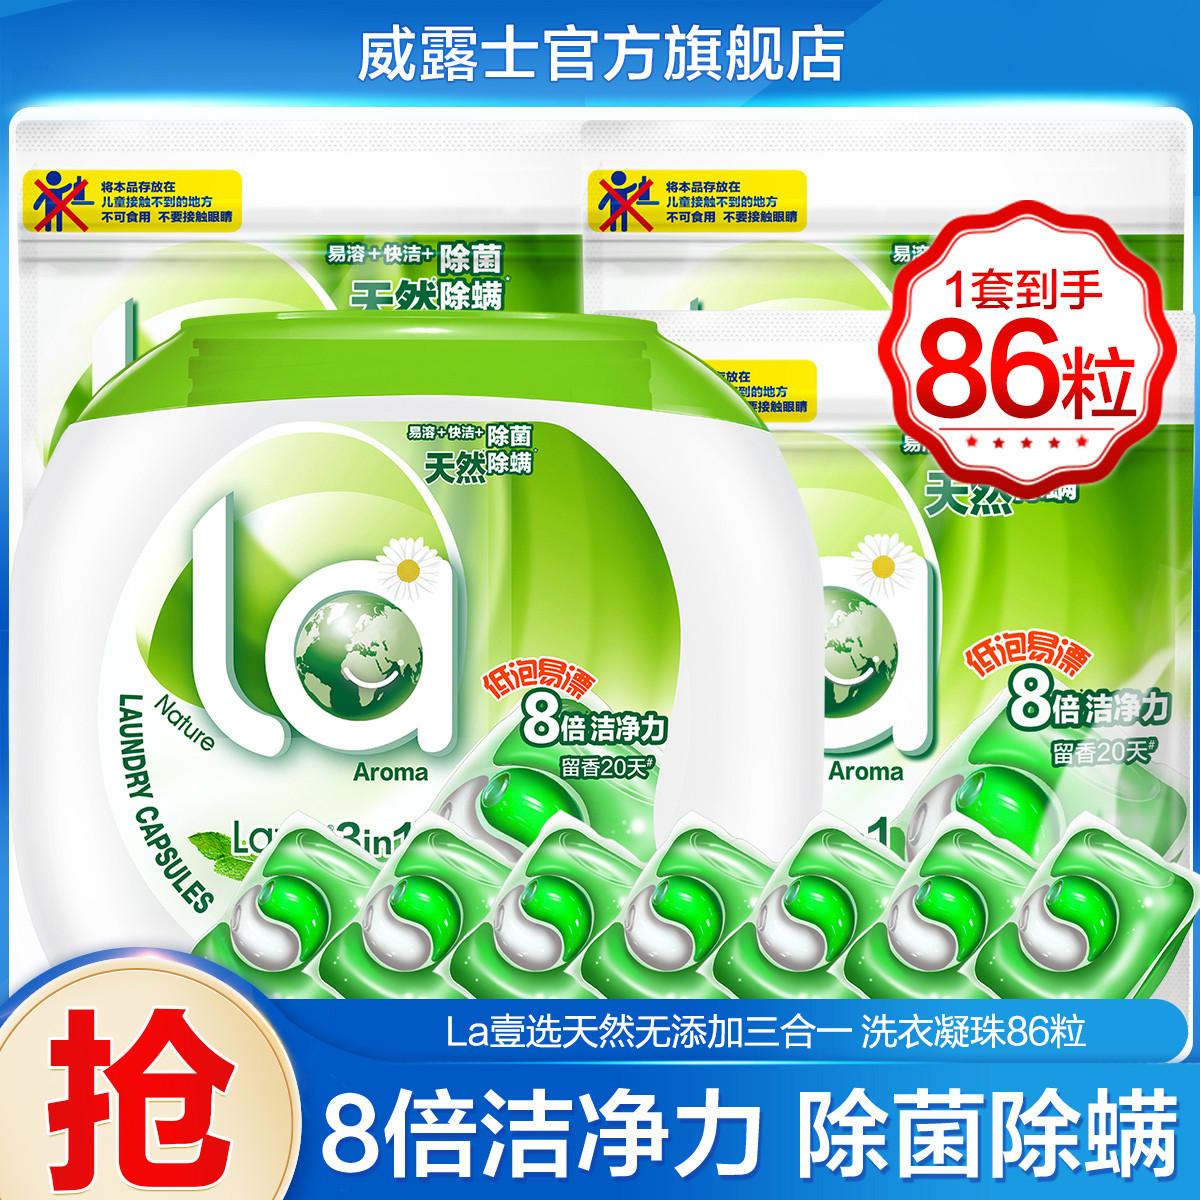 【8倍洁力】无添加三合一洗衣凝珠86粒 除菌除螨 留香20天